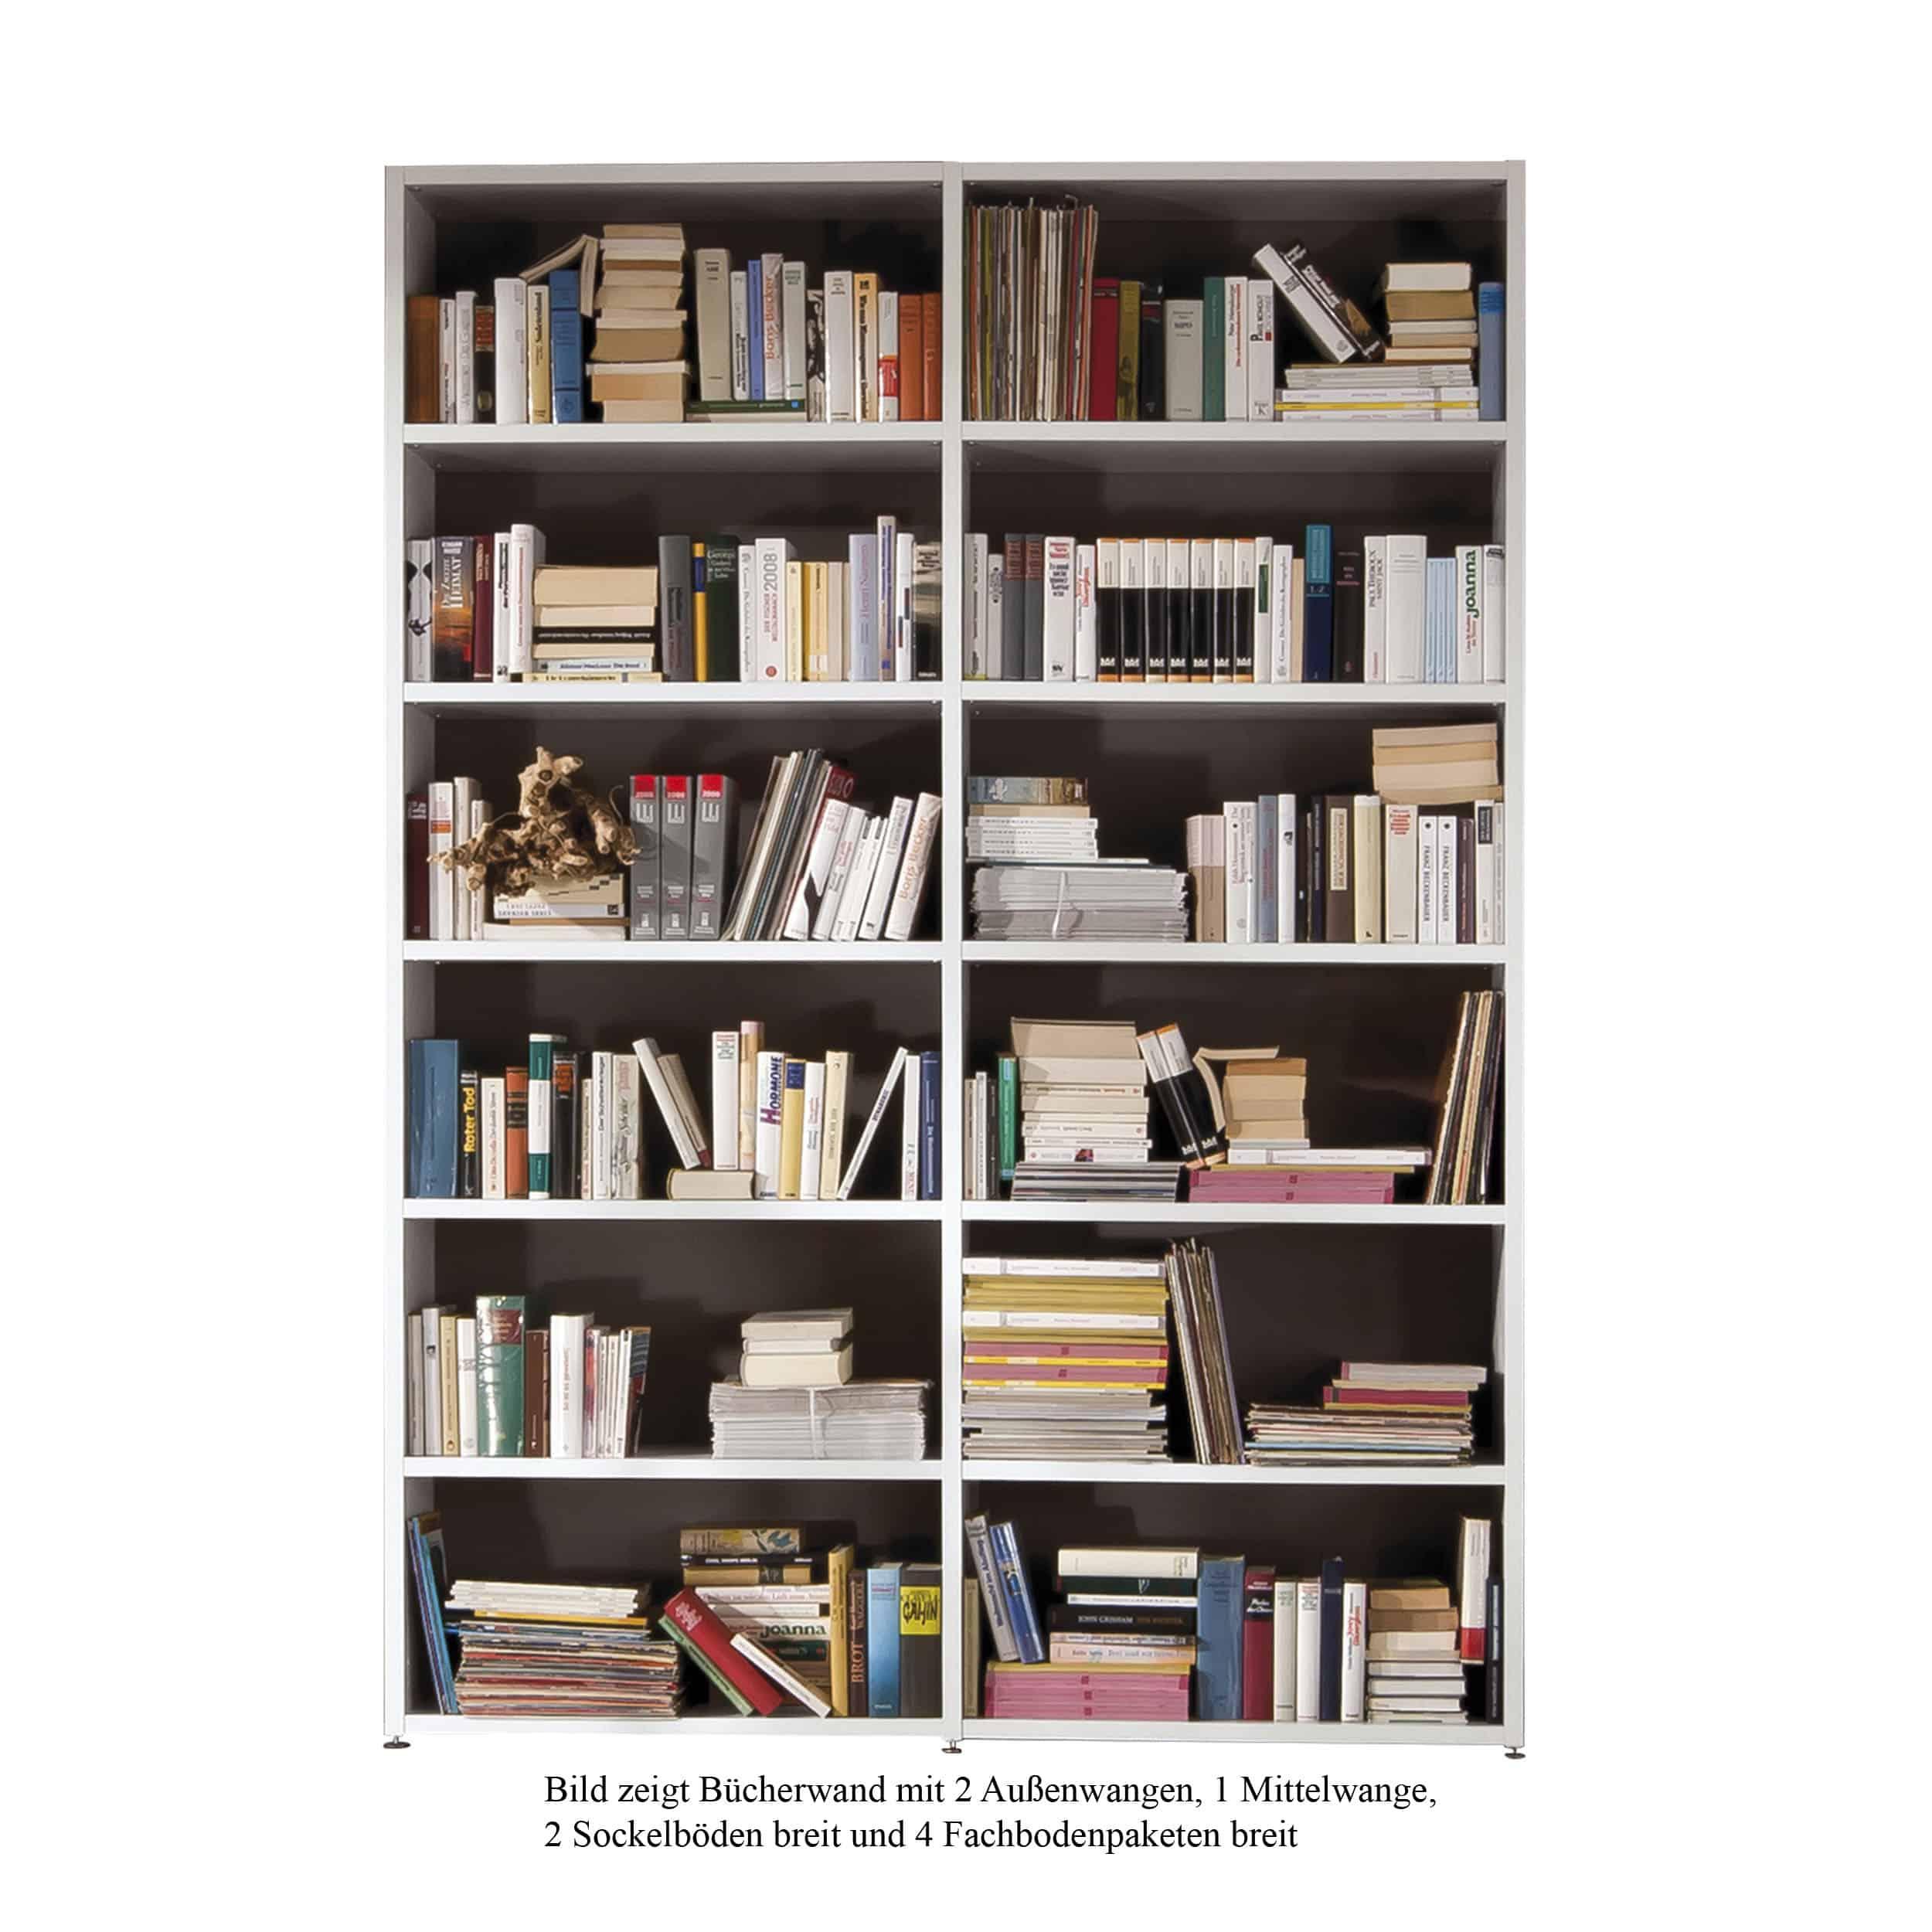 Bücherwand 2.1 Sockelboden breit